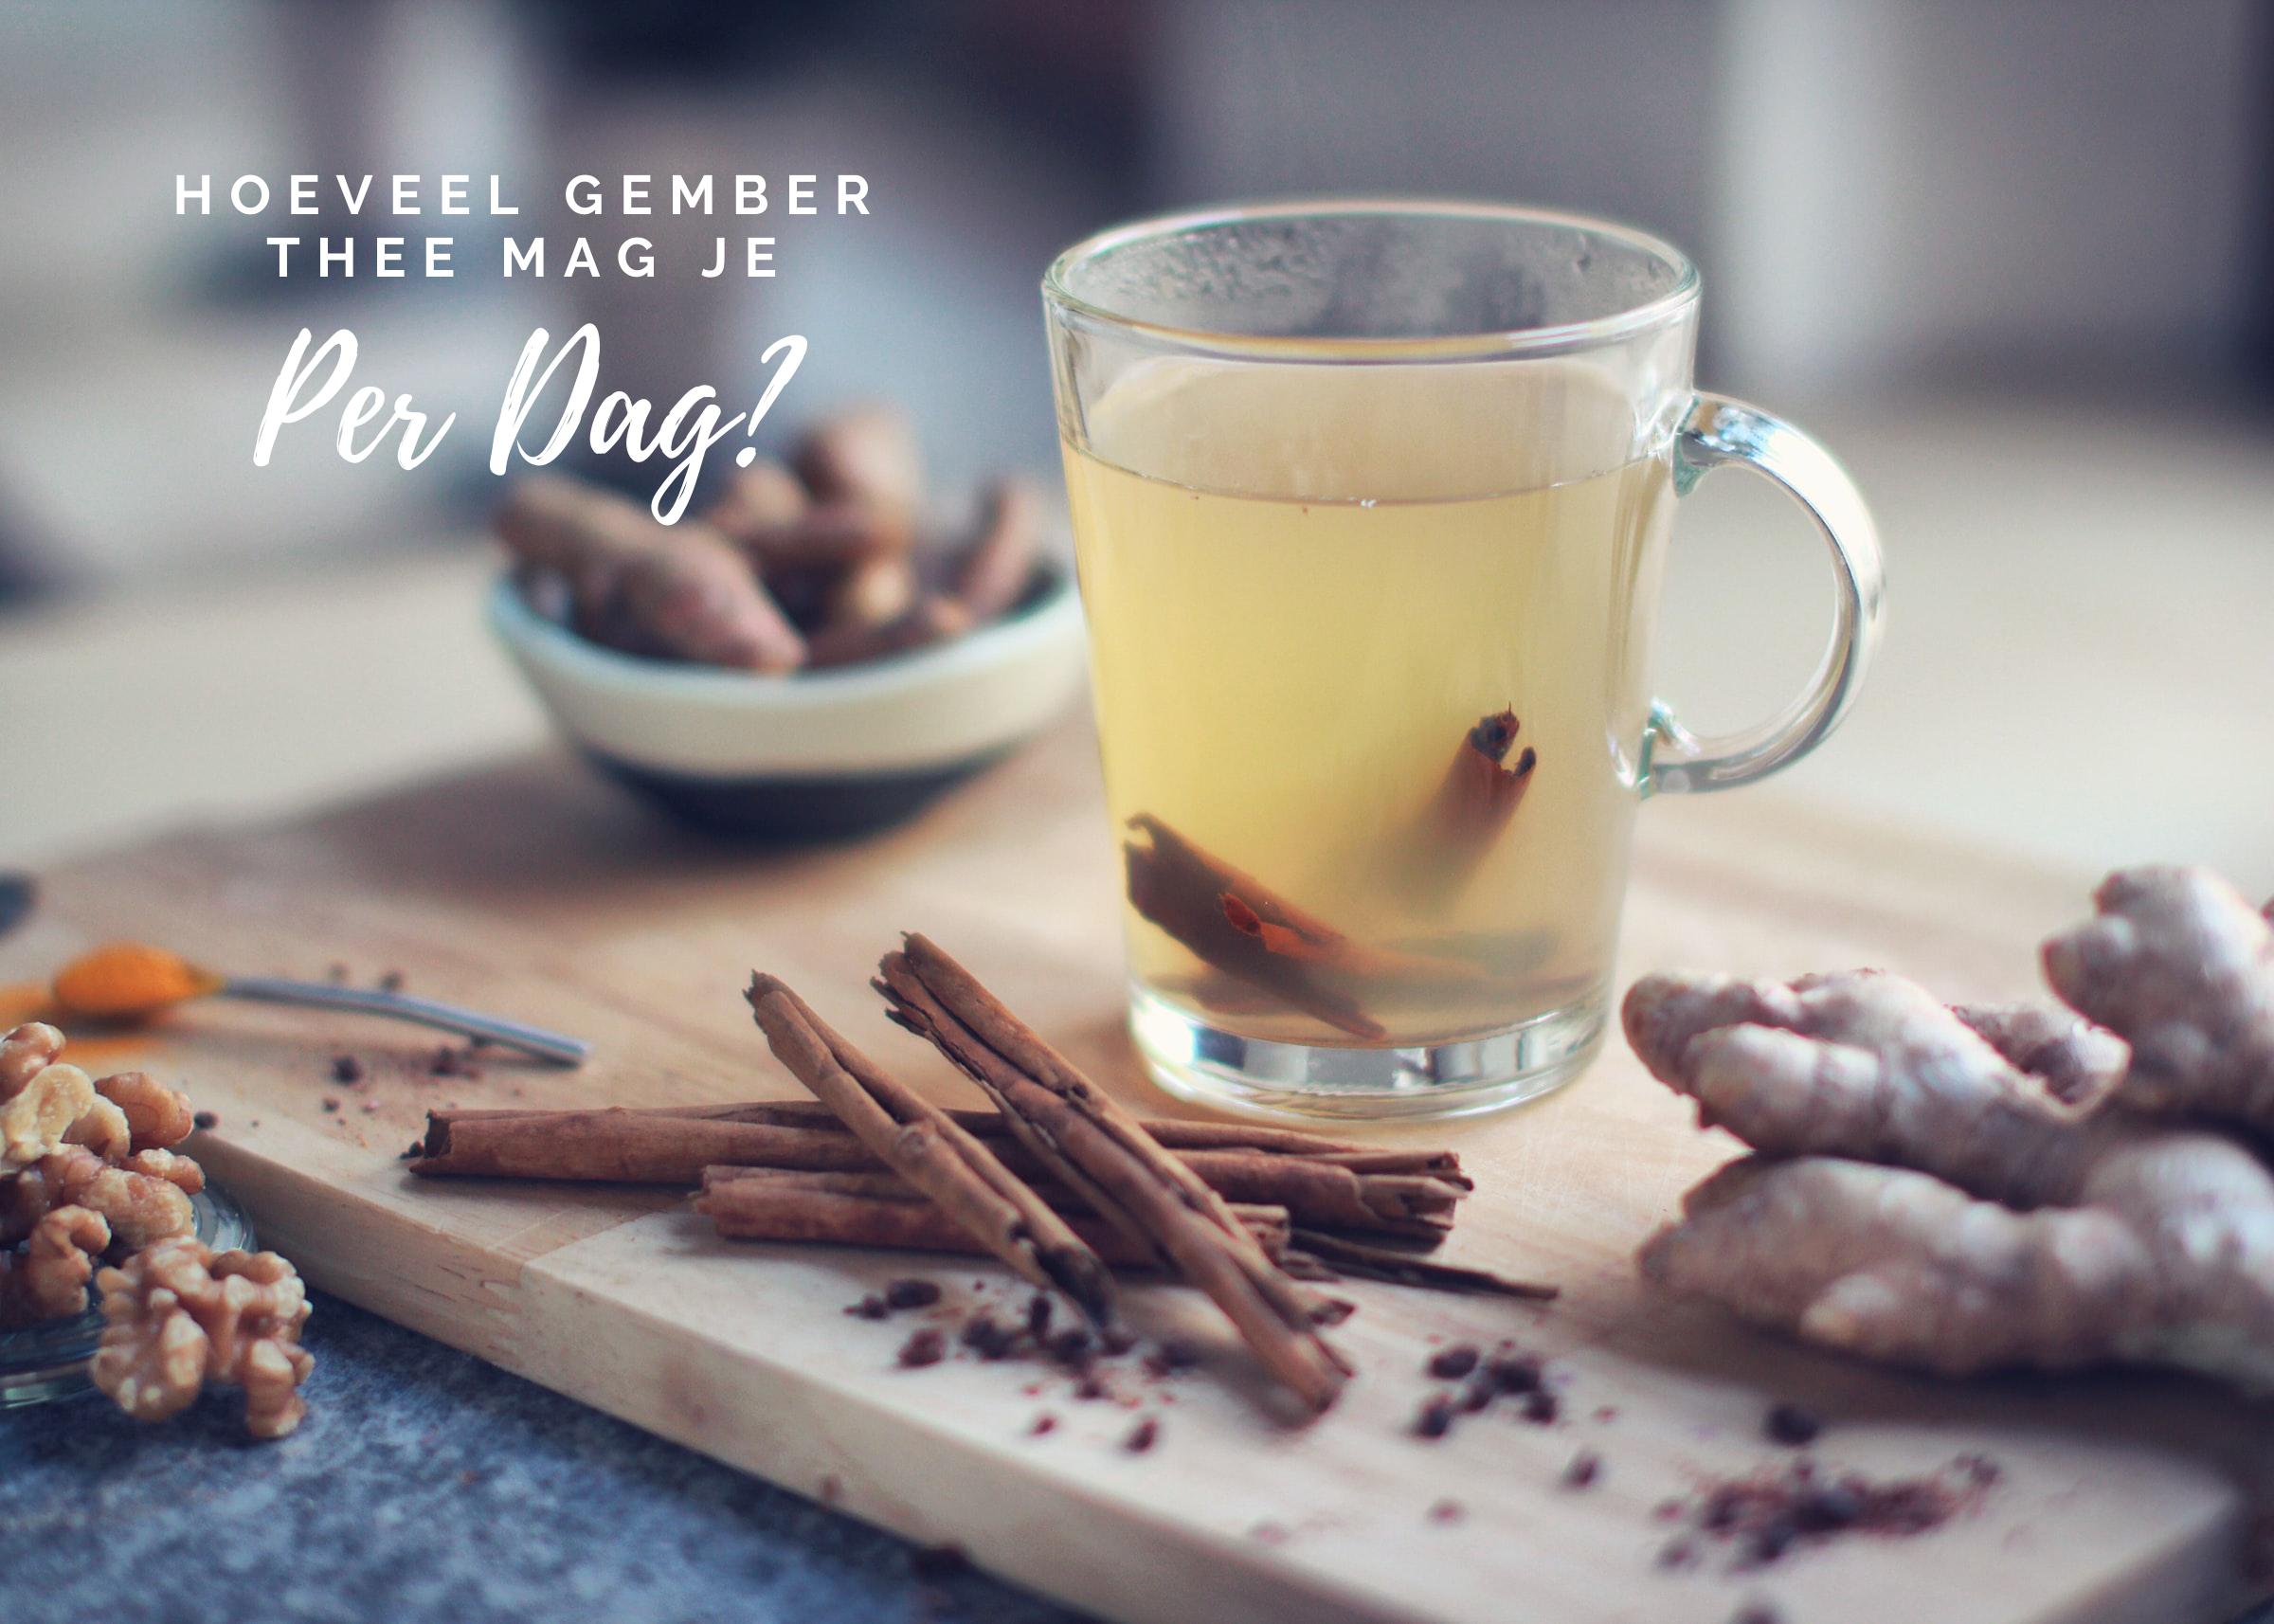 Hoeveel koppen gember thee mag je per dag drinken?